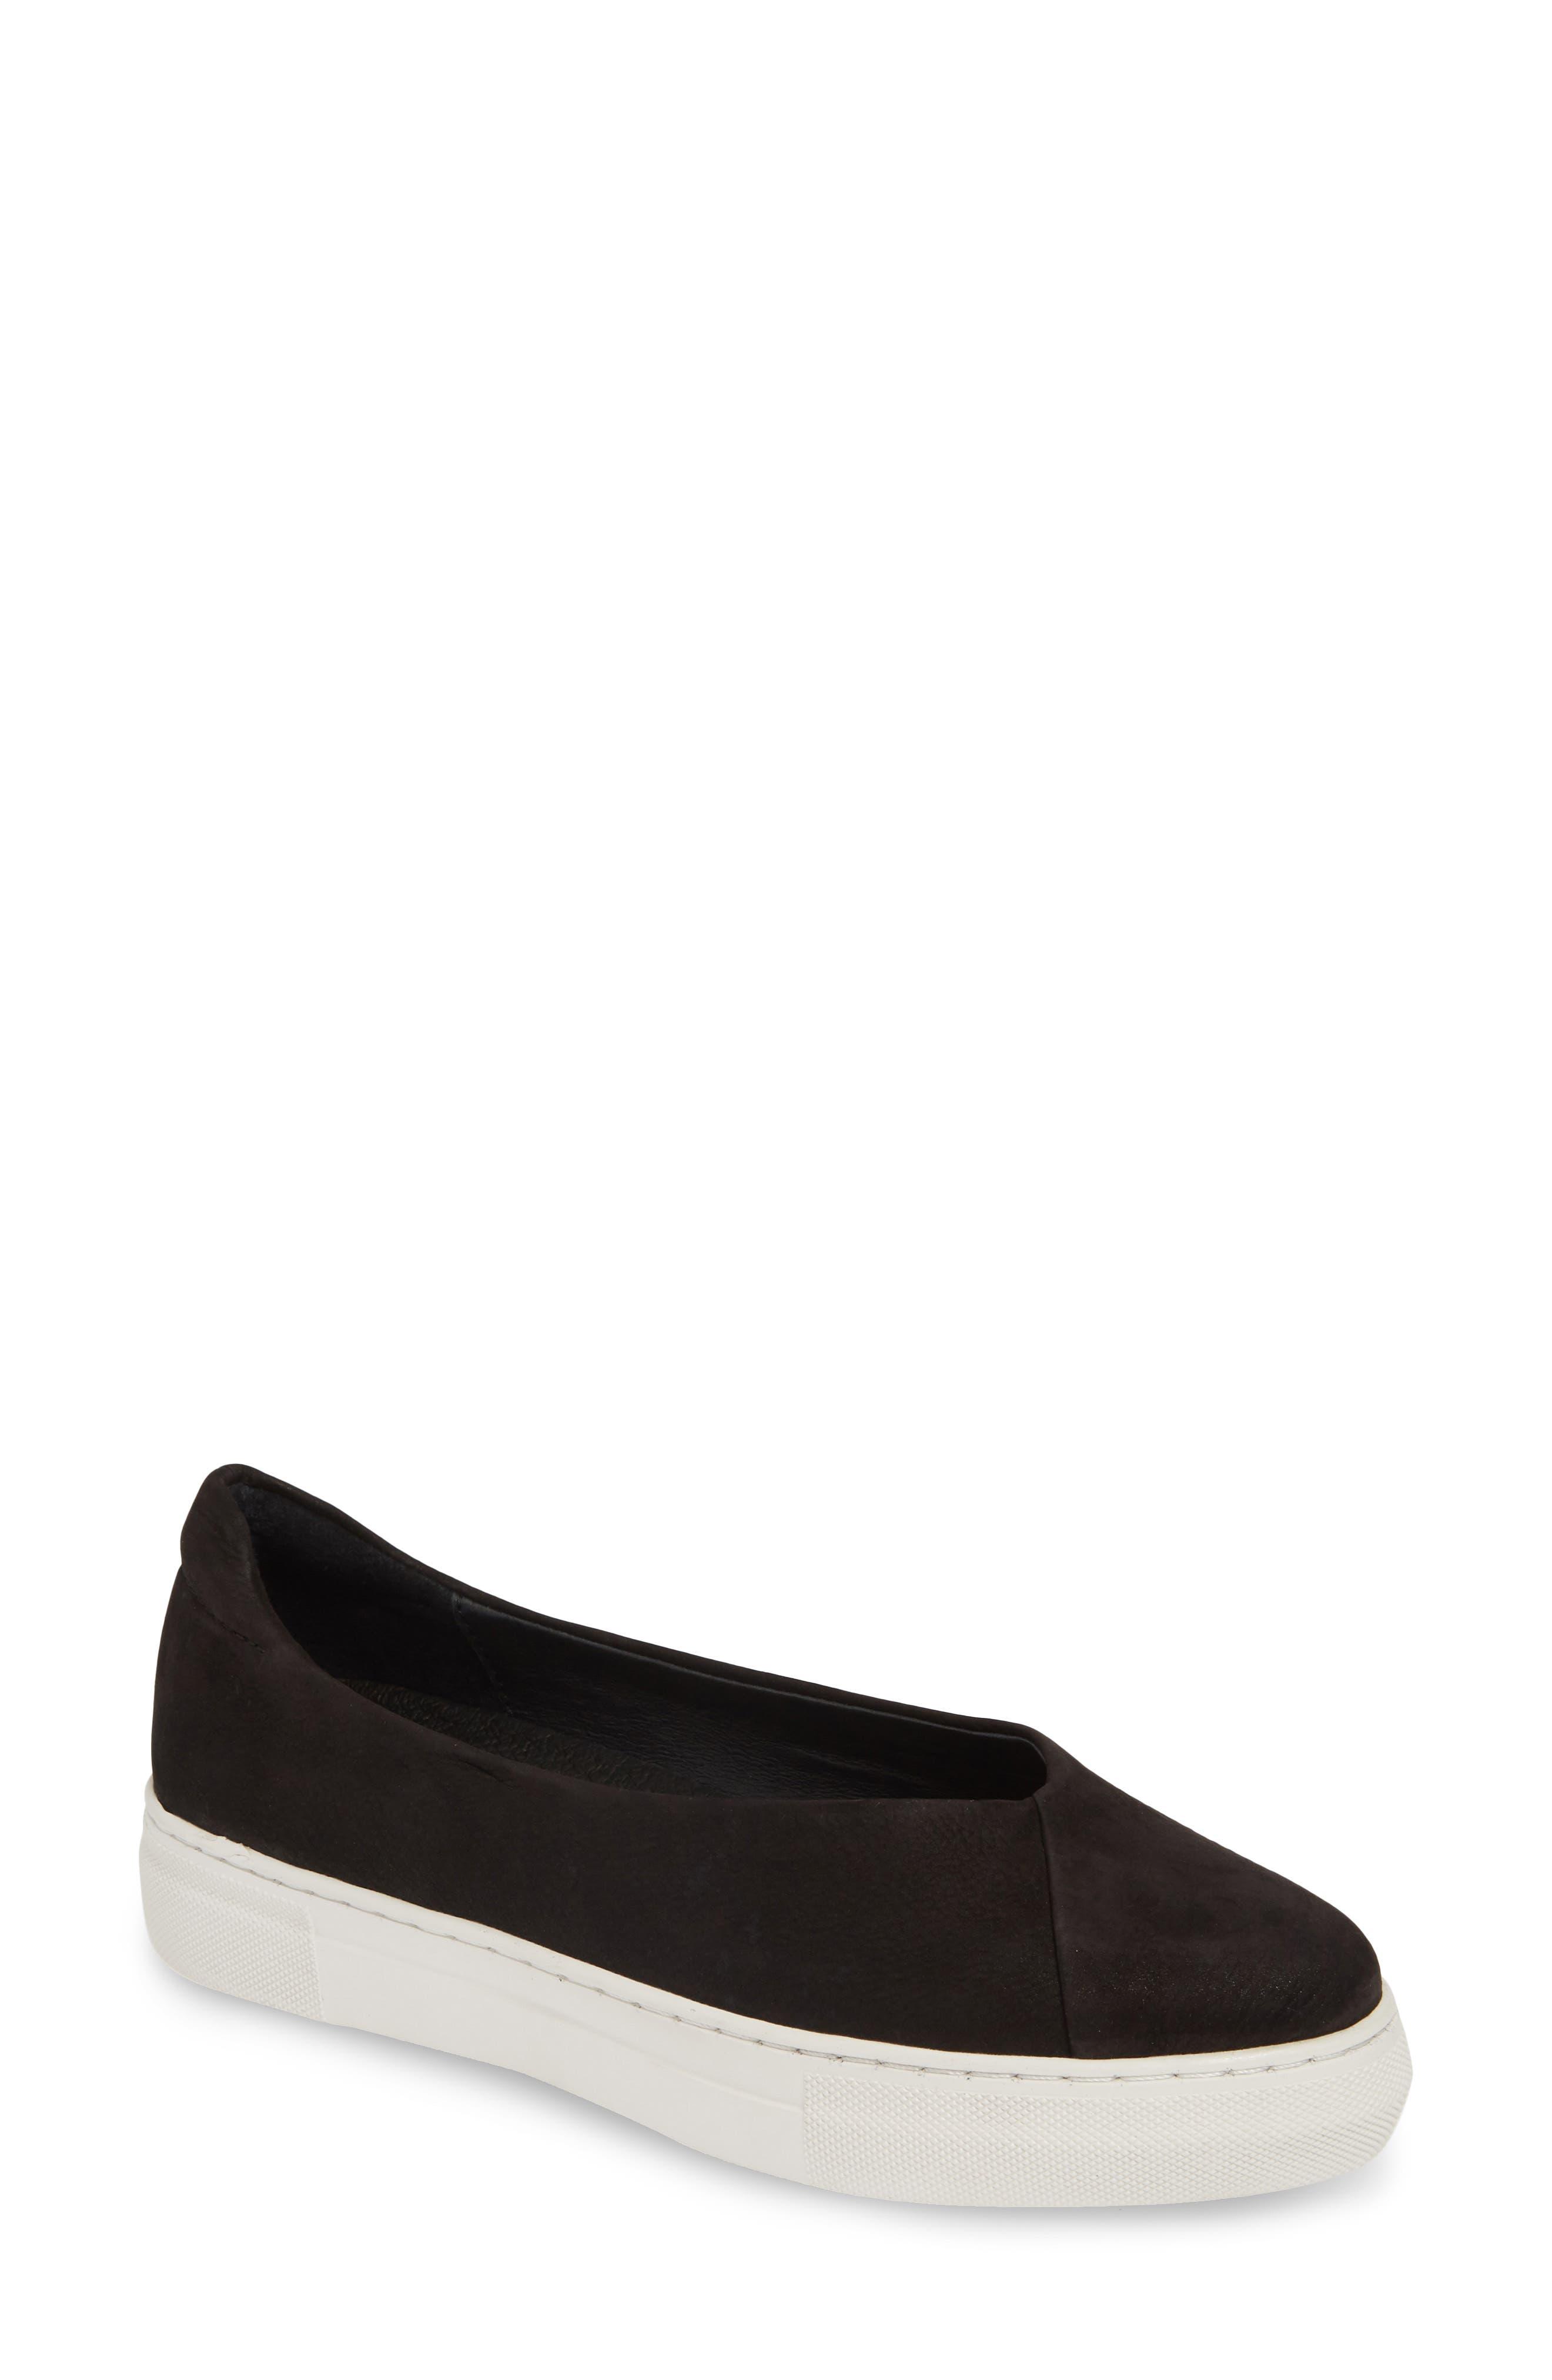 Jslides Felicia Slip-On Sneaker- Black